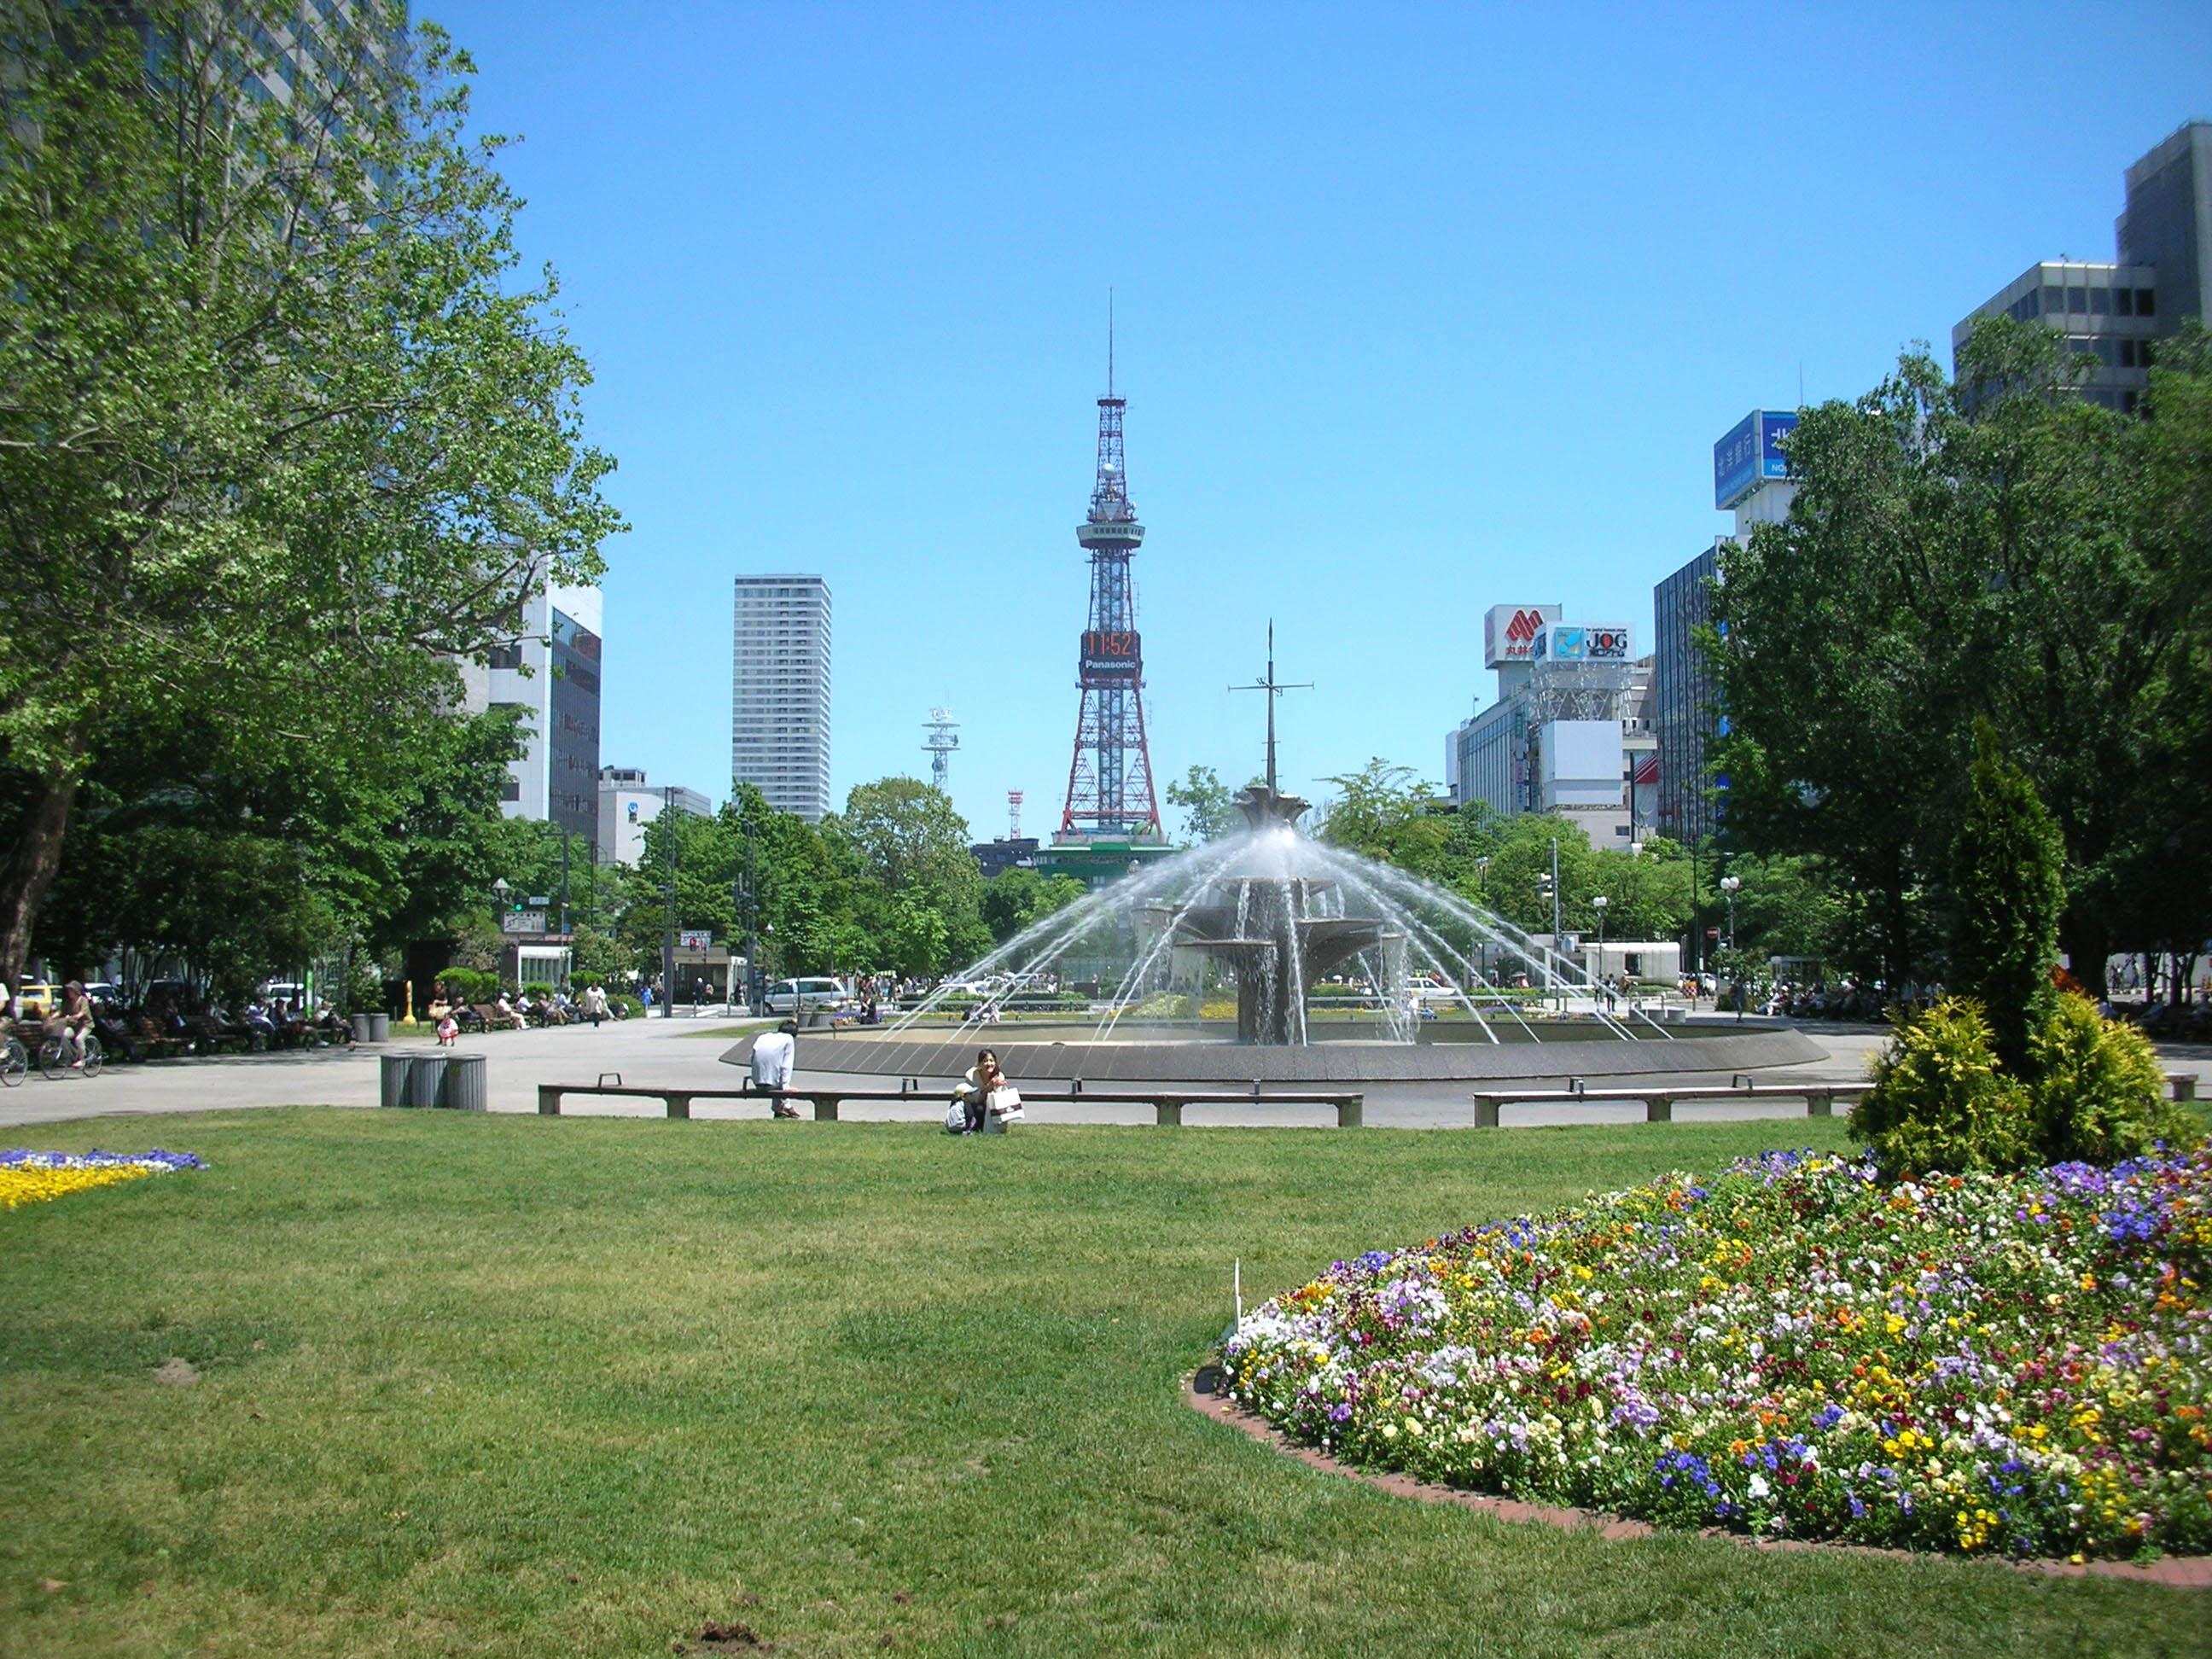 北海道グルメ彩都 スタッフ日誌 札幌大通公園 美味しい物は北海道にある!